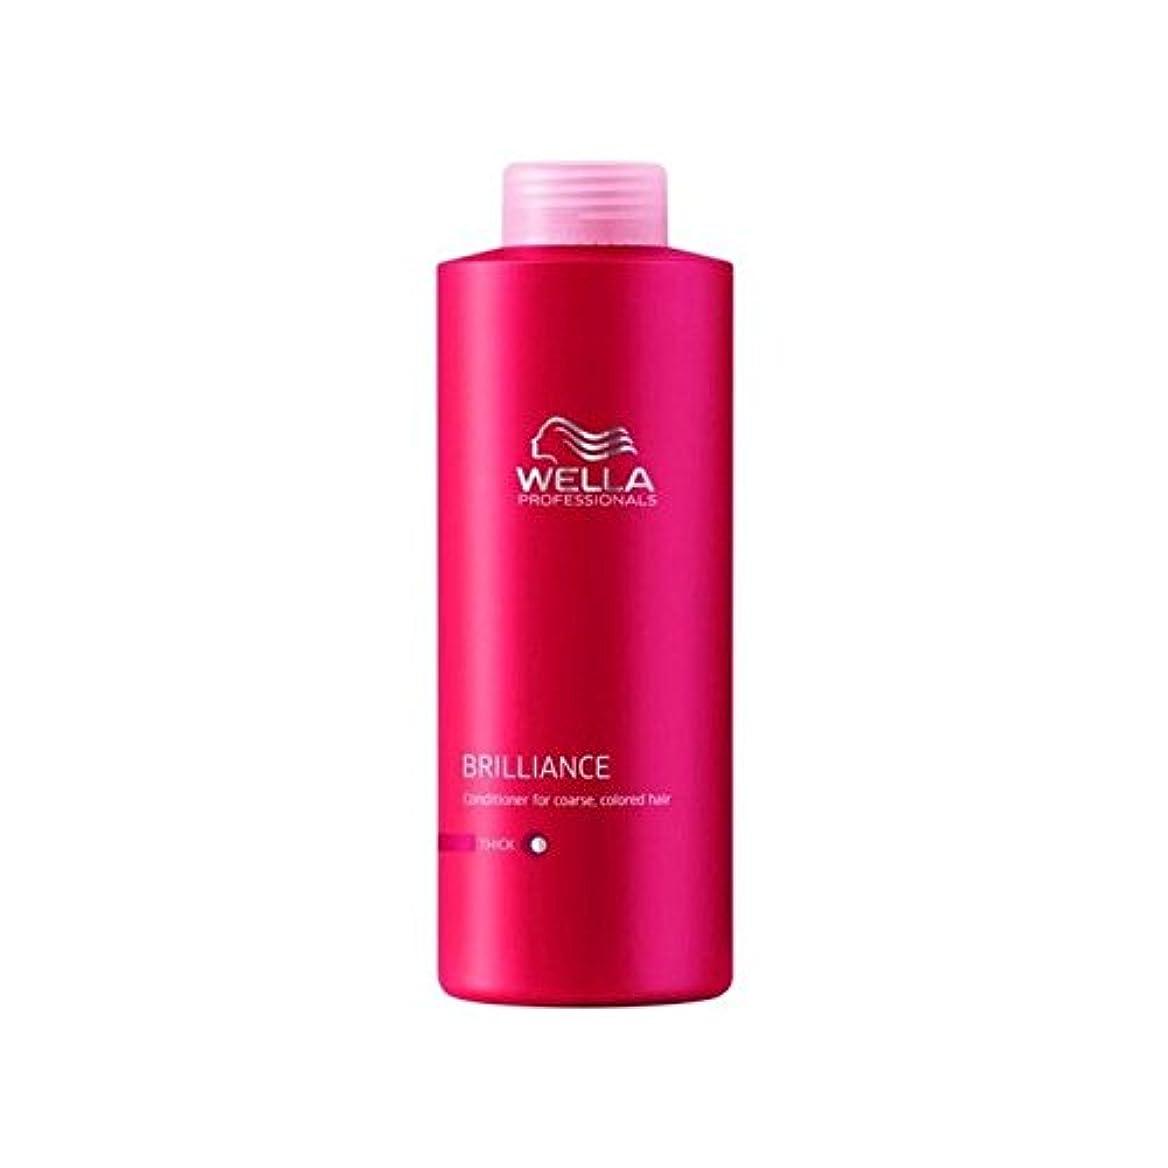 精神的に回復する後者ウェラの専門家は粗いコンディショナー(千ミリリットル)をブリリアンス x2 - Wella Professionals Brilliance Coarse Conditioner (1000ml) (Pack of 2)...